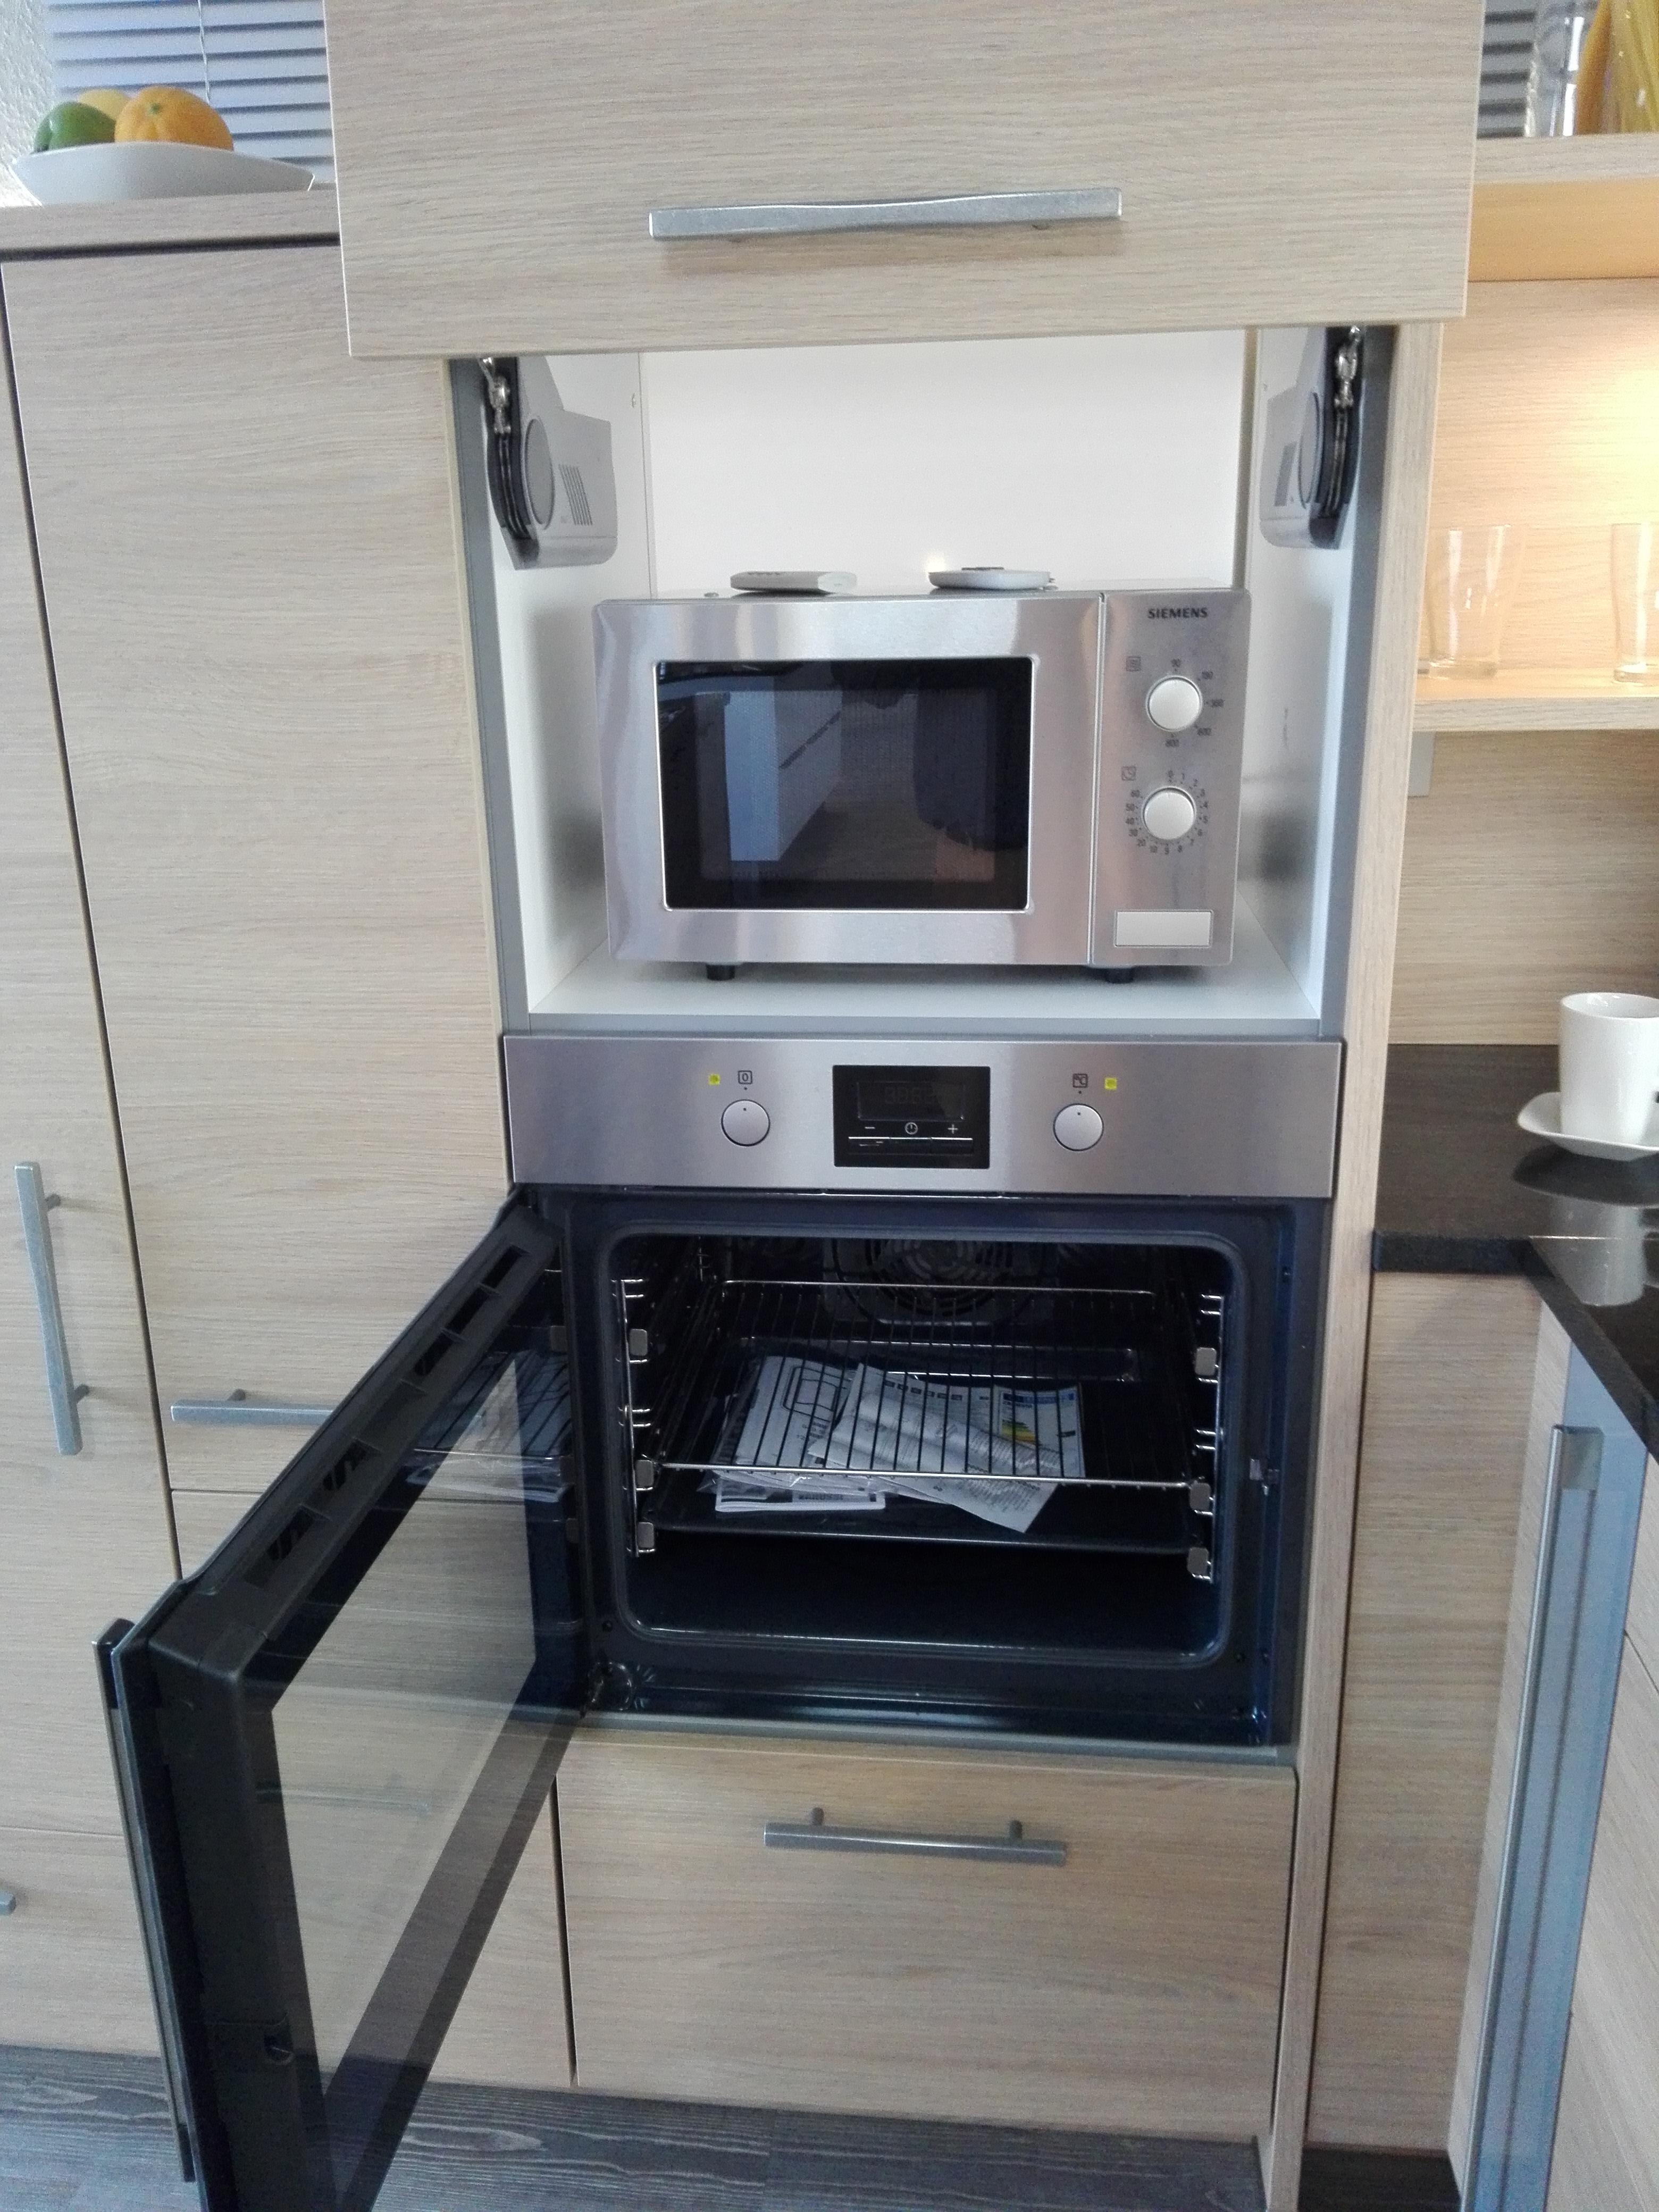 """Küche 3 - Lifttüre zum """"verstecken"""" einer Mikrowelle oder anderen Kleingeräten, Backofen mit seitlich öffnender Türe"""